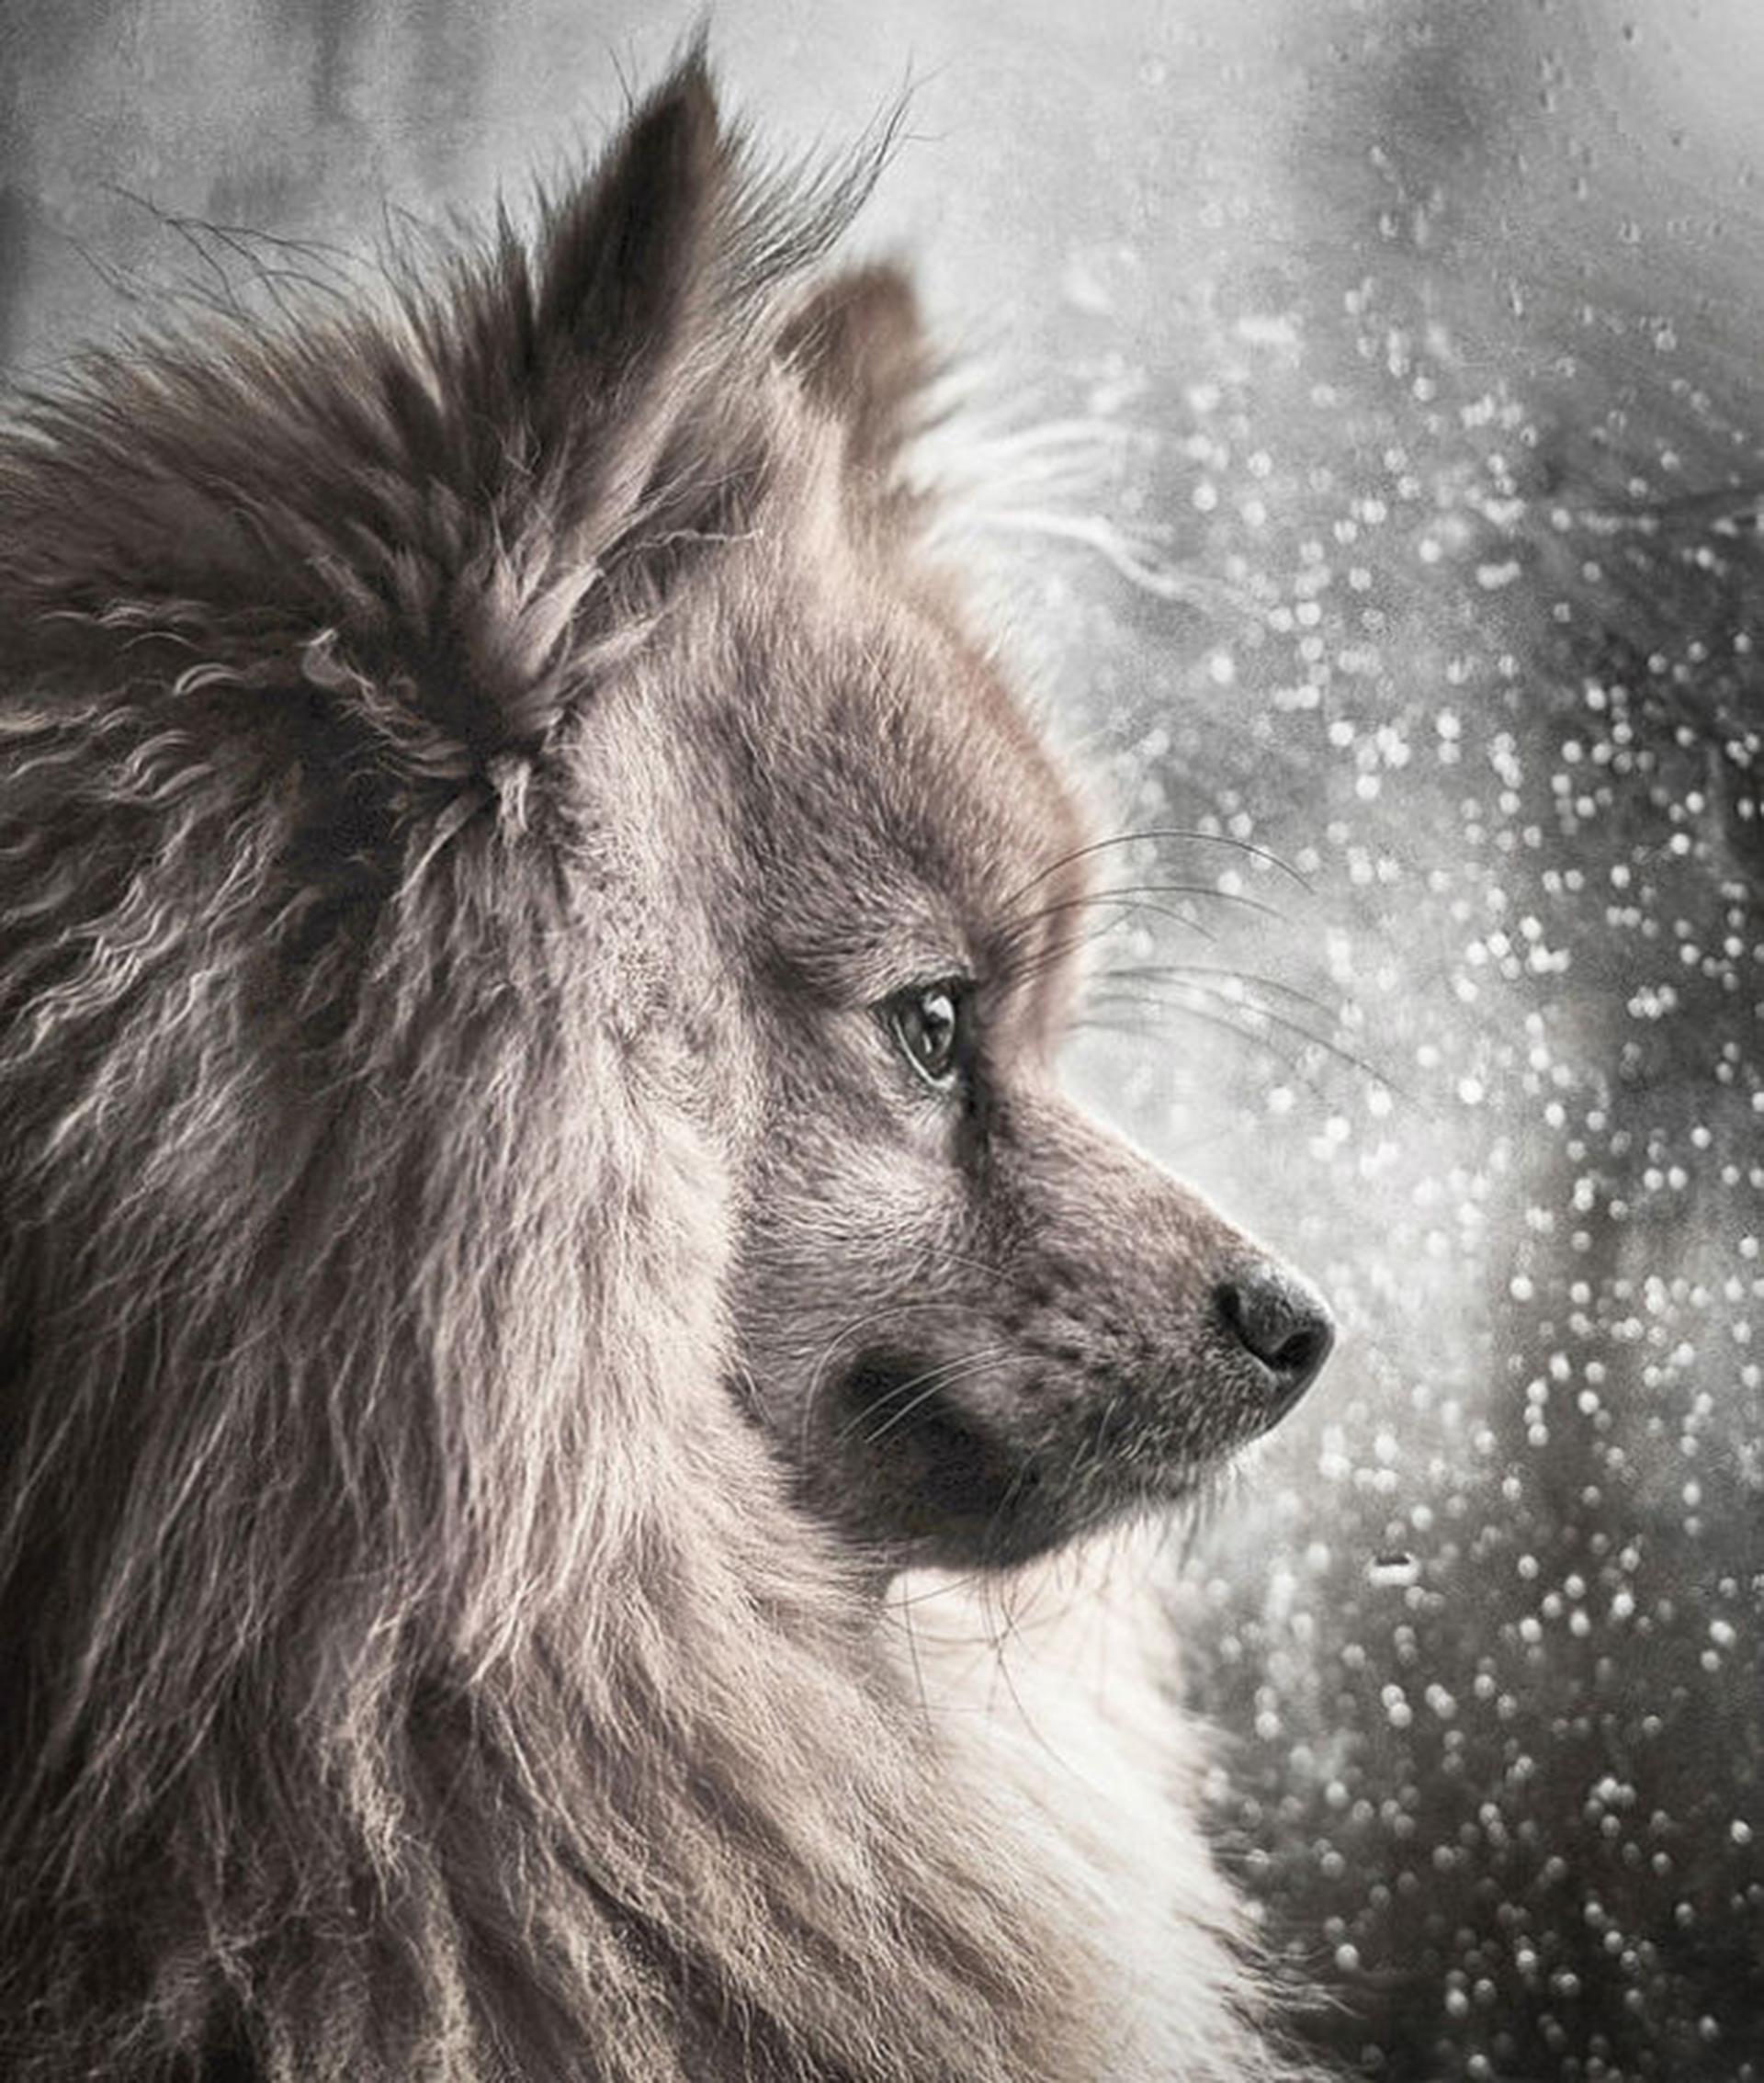 """Su nombre es Hugo, un pomerania que conquisto la lente de la fotógrafa durante un día de tormenta en Glasgow, y que obtuvo el tercer premio de la categoría """"Retratos de perros"""" (Michael M Sweeney)"""